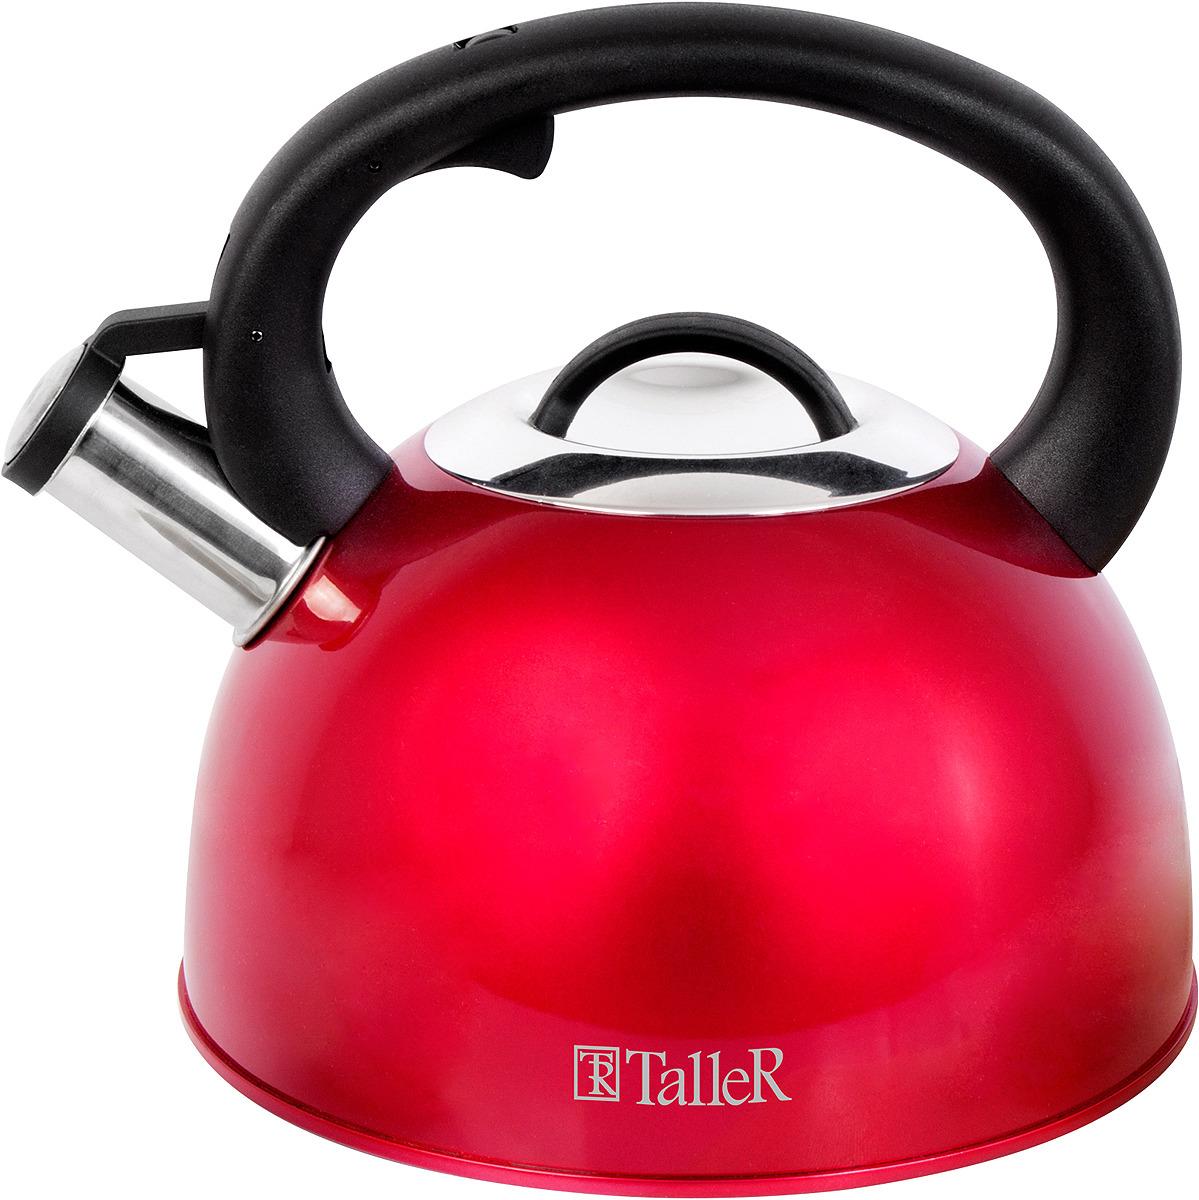 Чайник Taller Фолкнер, 2,5 л. TR-1382TR-1382Чайник со свистком Фолкнер, 2.5 л. Толщина стенки -0,5 мм, толщина дна 0.4 мм. Крышка из нержавеющей стали с бакелитовой ручкой. Рекомендации: подходит для всех типов плит Рекомендуется ручная мойка